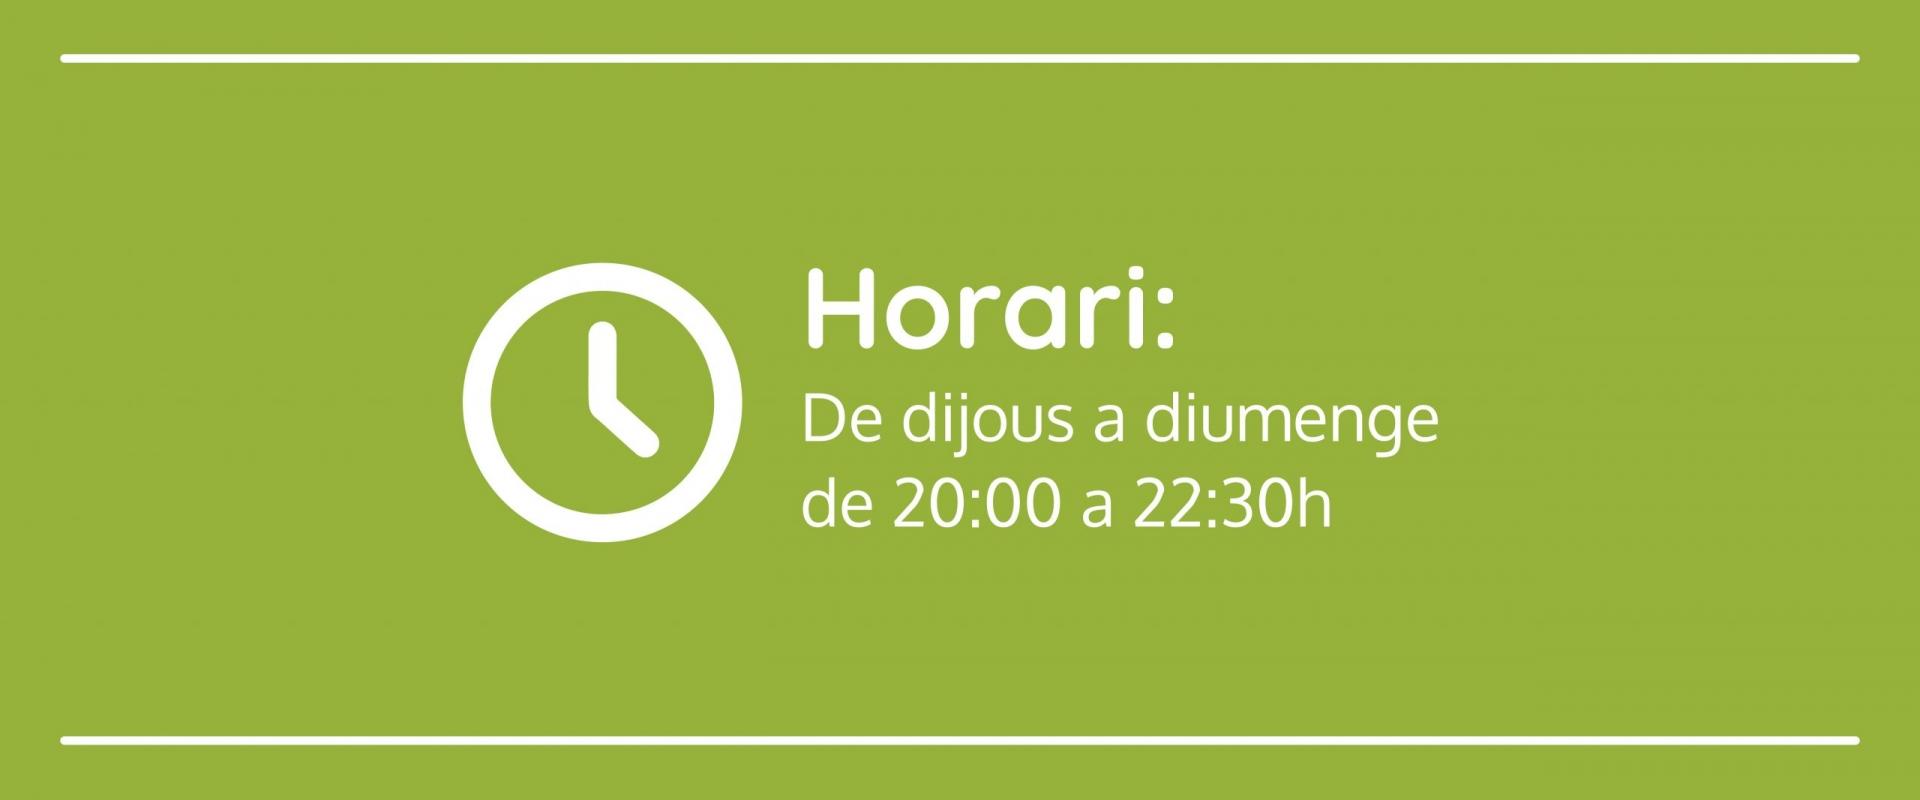 PT_HomeSlider_Horari2020-01